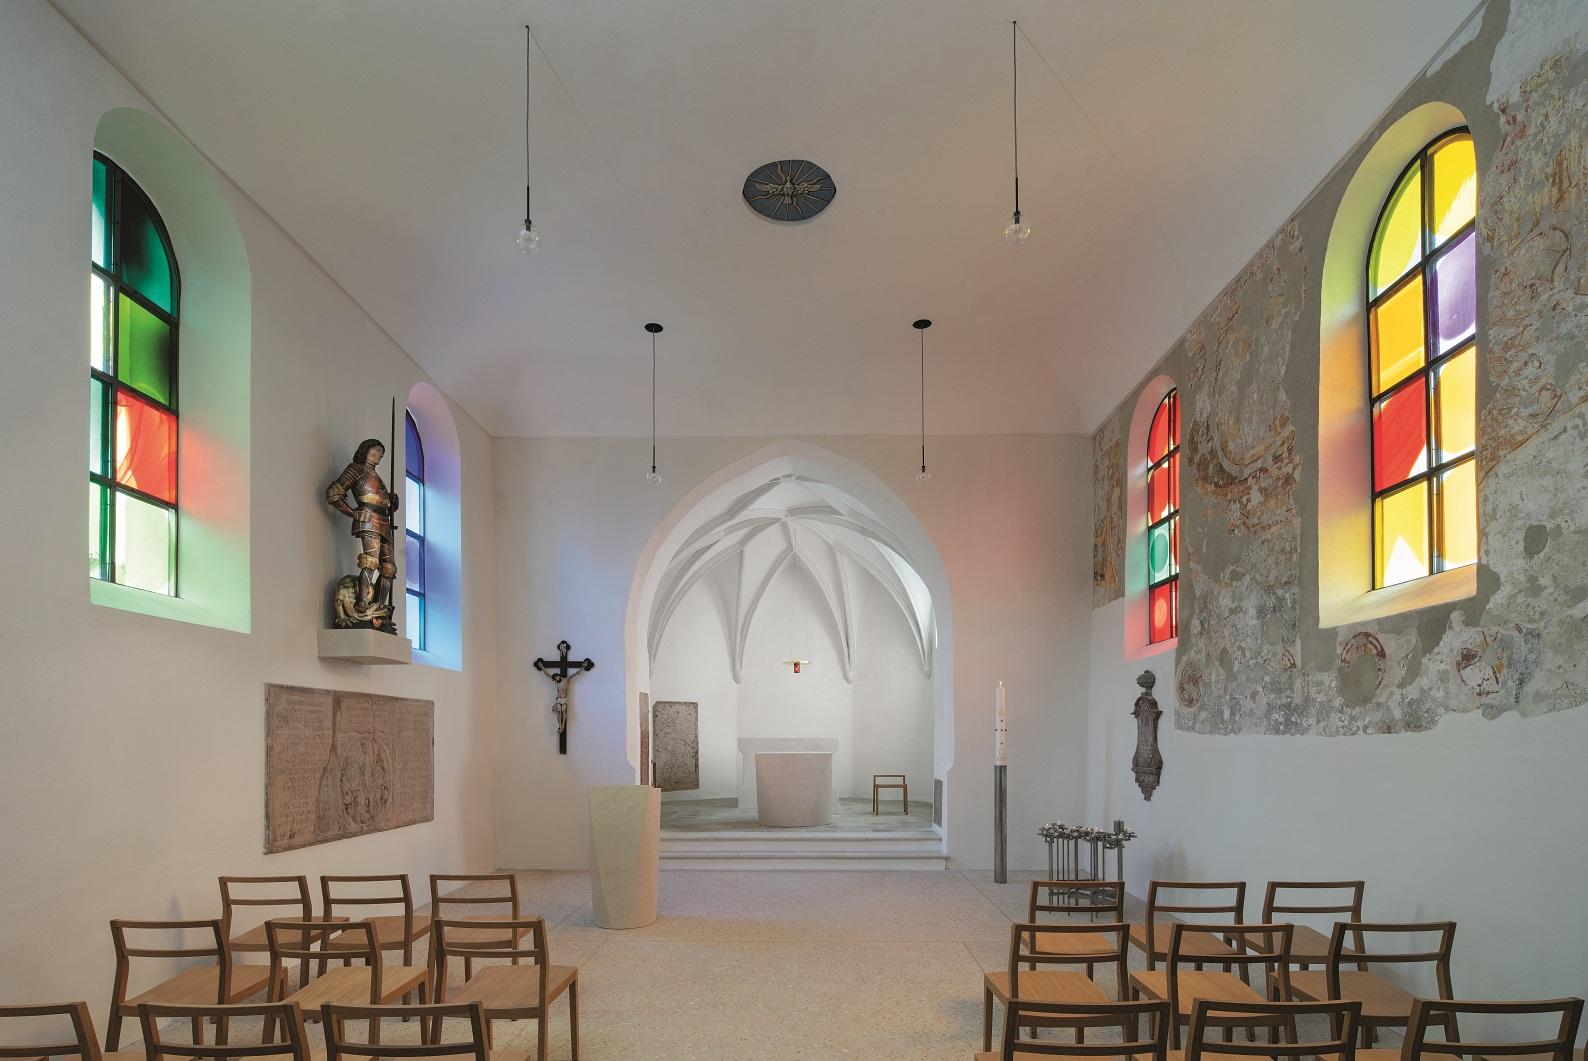 St. Georg in Herbertshausen